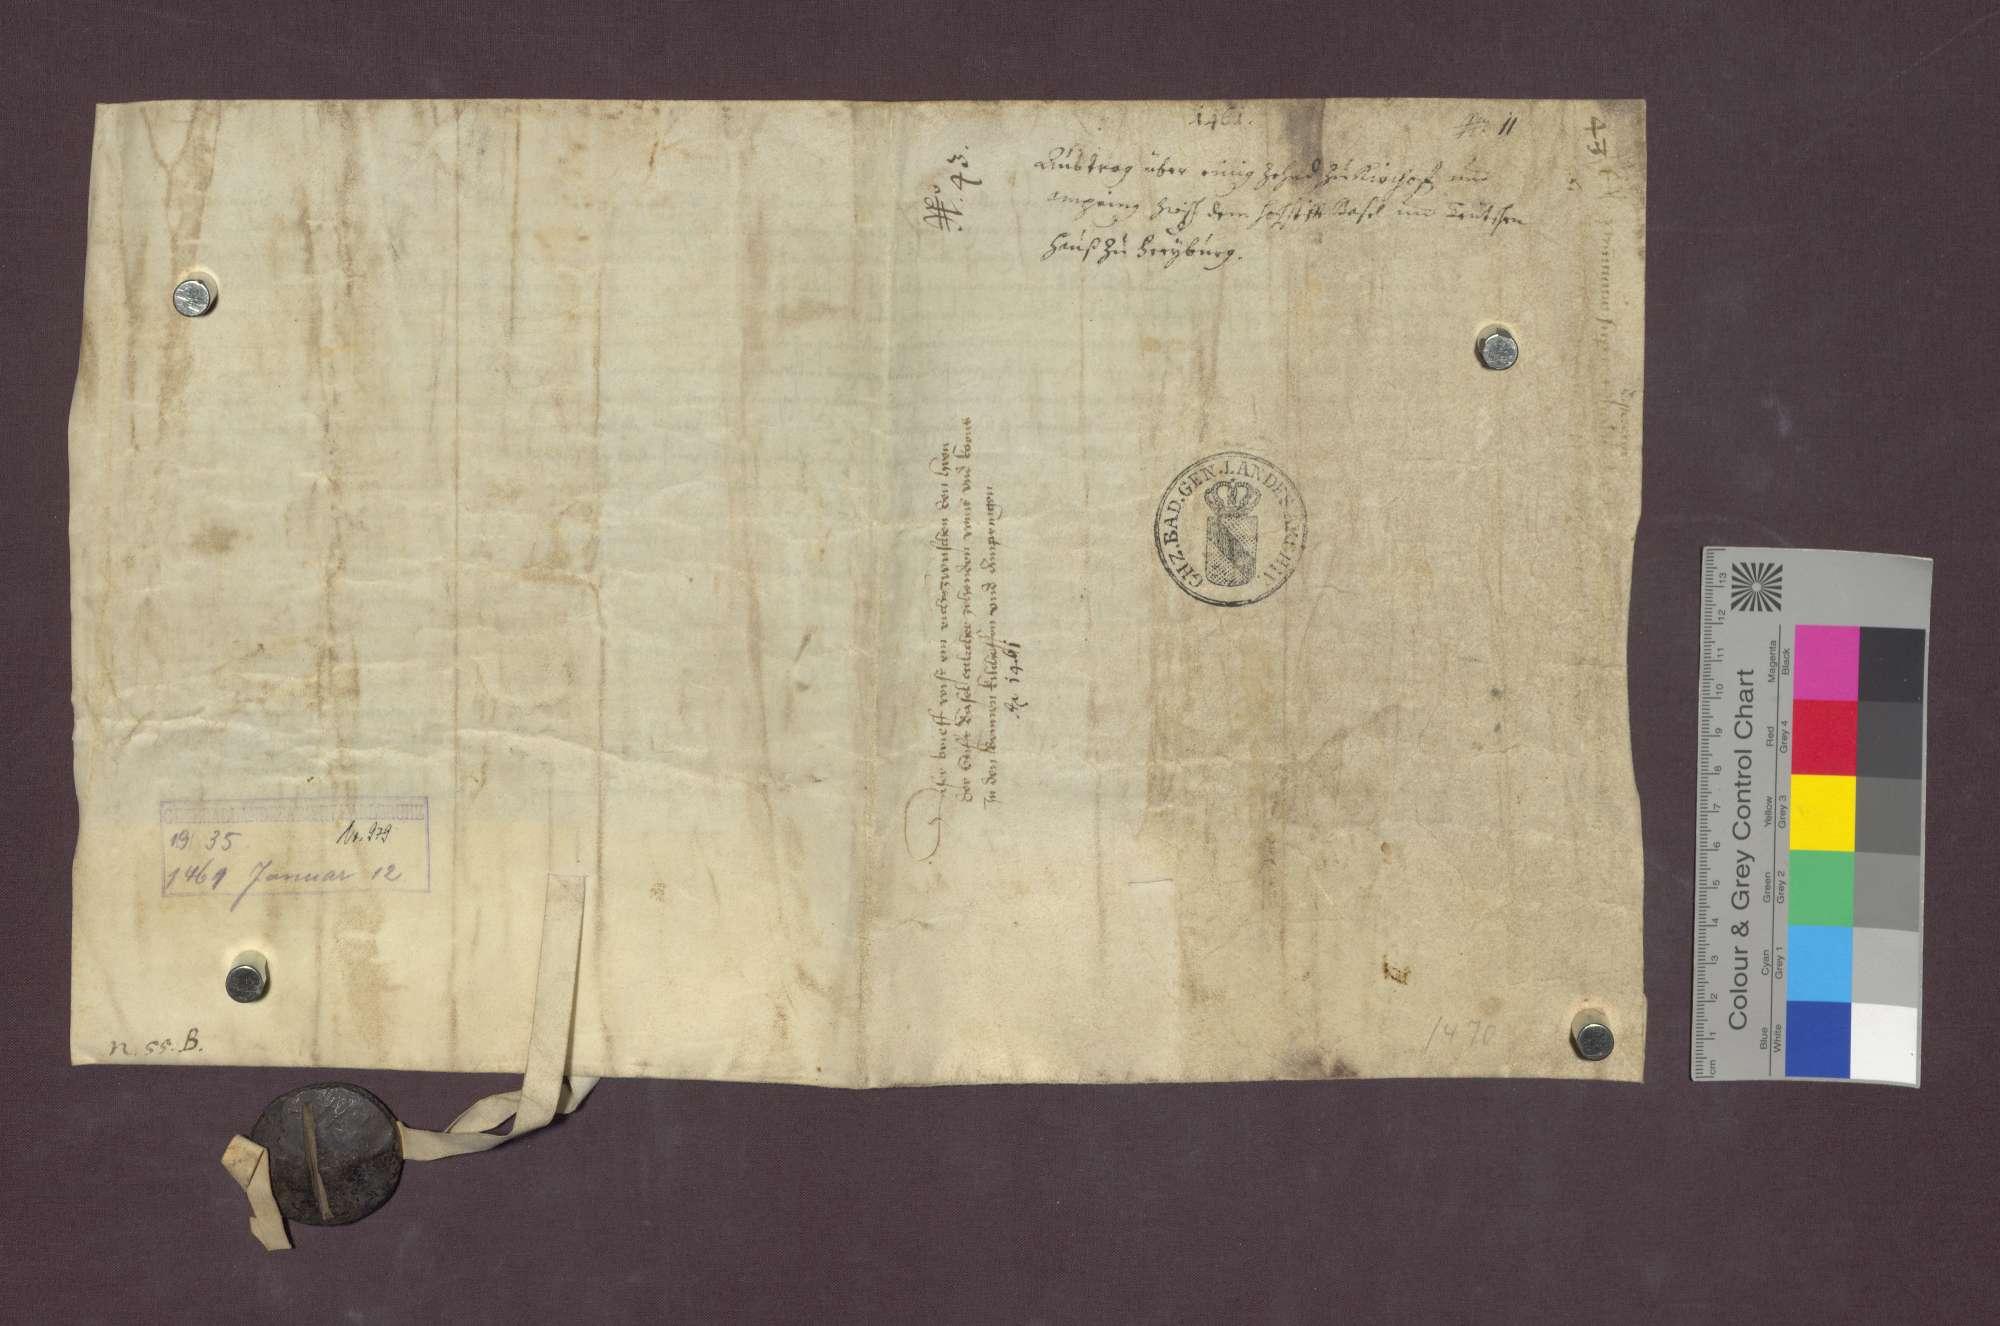 Vertrag zwischen dem Basler Domkapitel und dem Deutsch-Ordens-Haus in Freiburg wegen eines Zehnten in den Bännen Kirchhofen und Ambringen., Bild 2